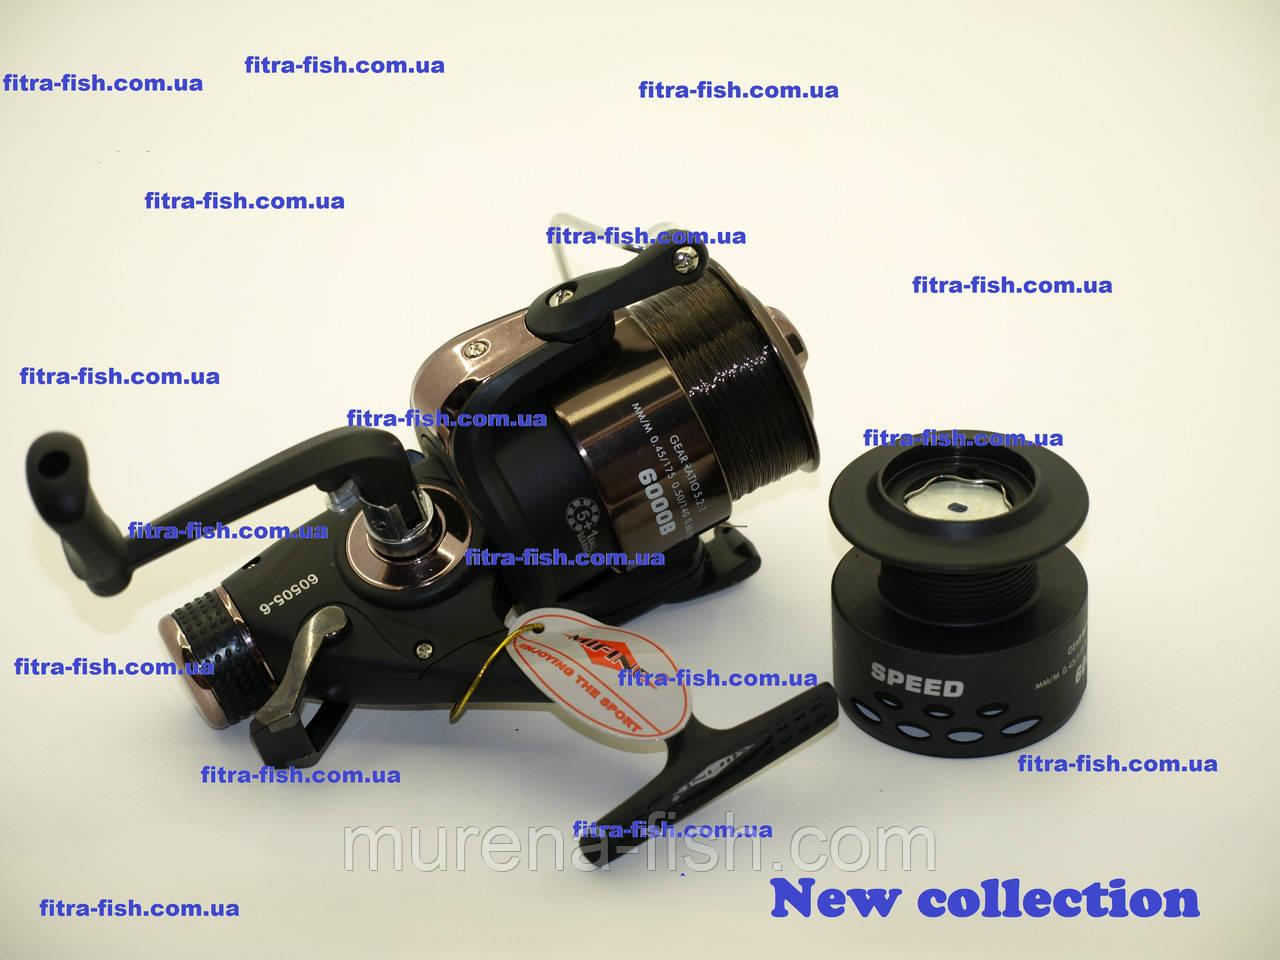 Котушка Mifine Speed 5000B 60505-5 5+1Ball байтранер